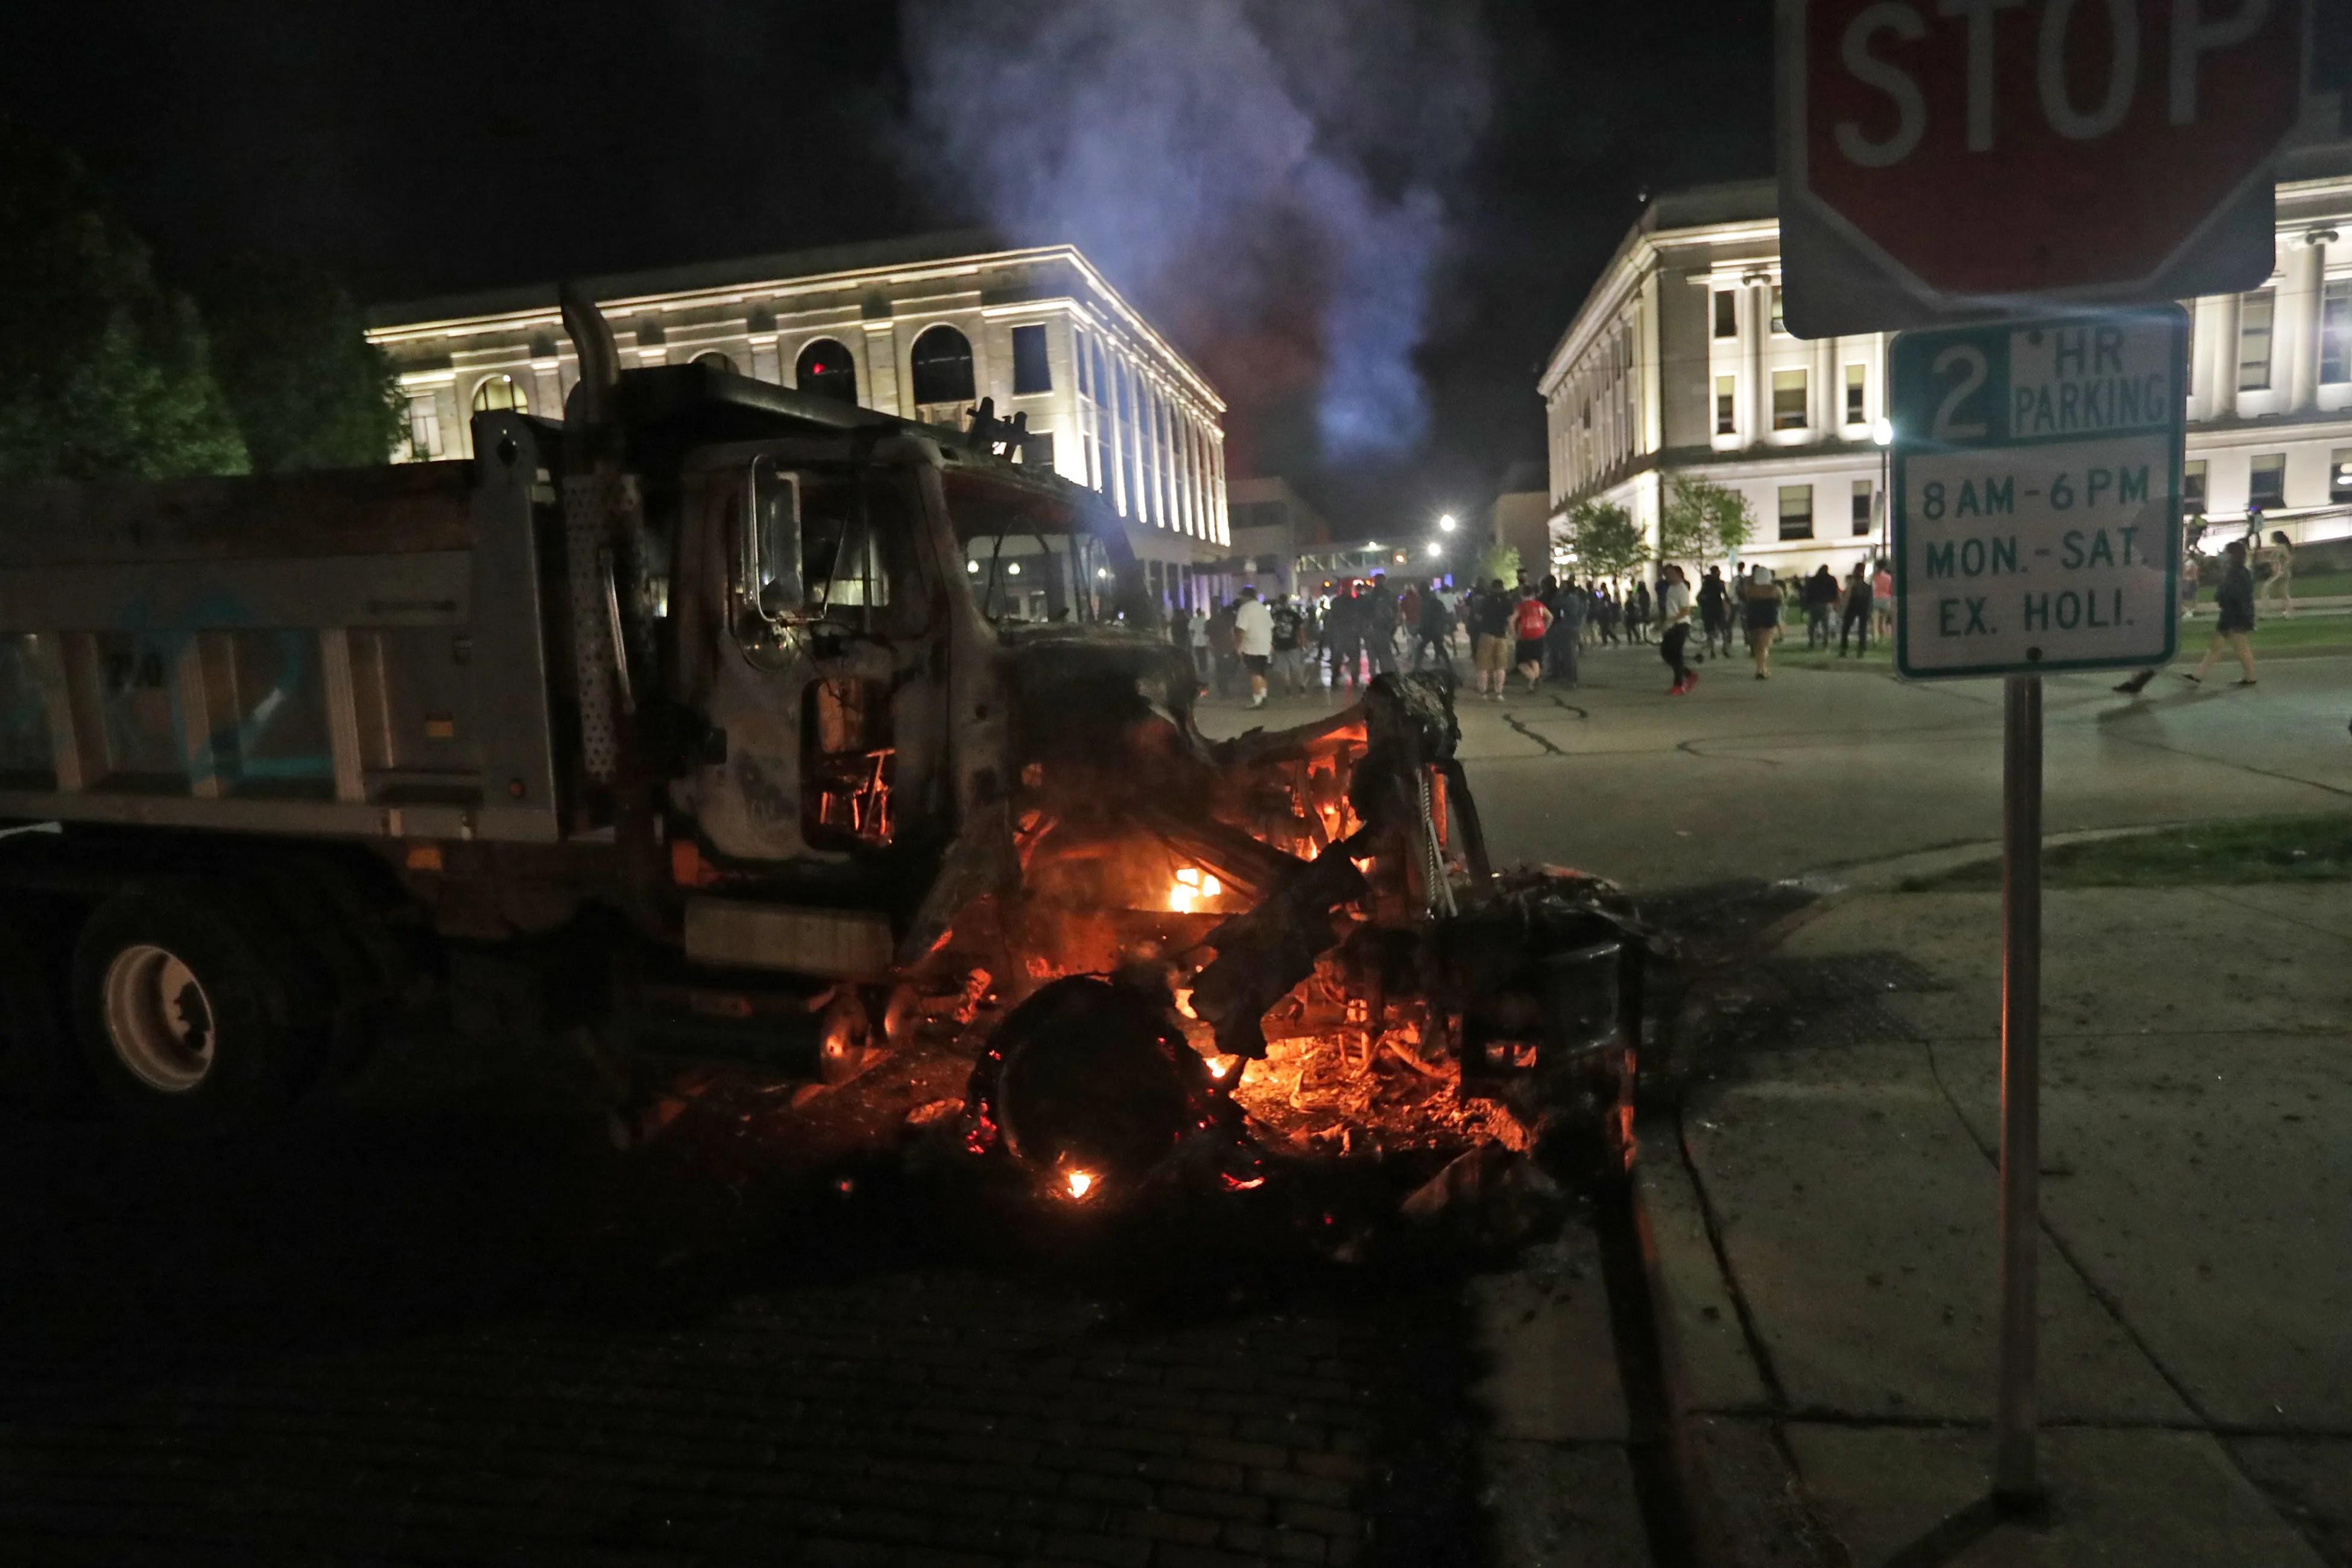 A city truck burns outside the Kenosha County courthouse in Kenosha on Sunday, Aug. 23, 2020.